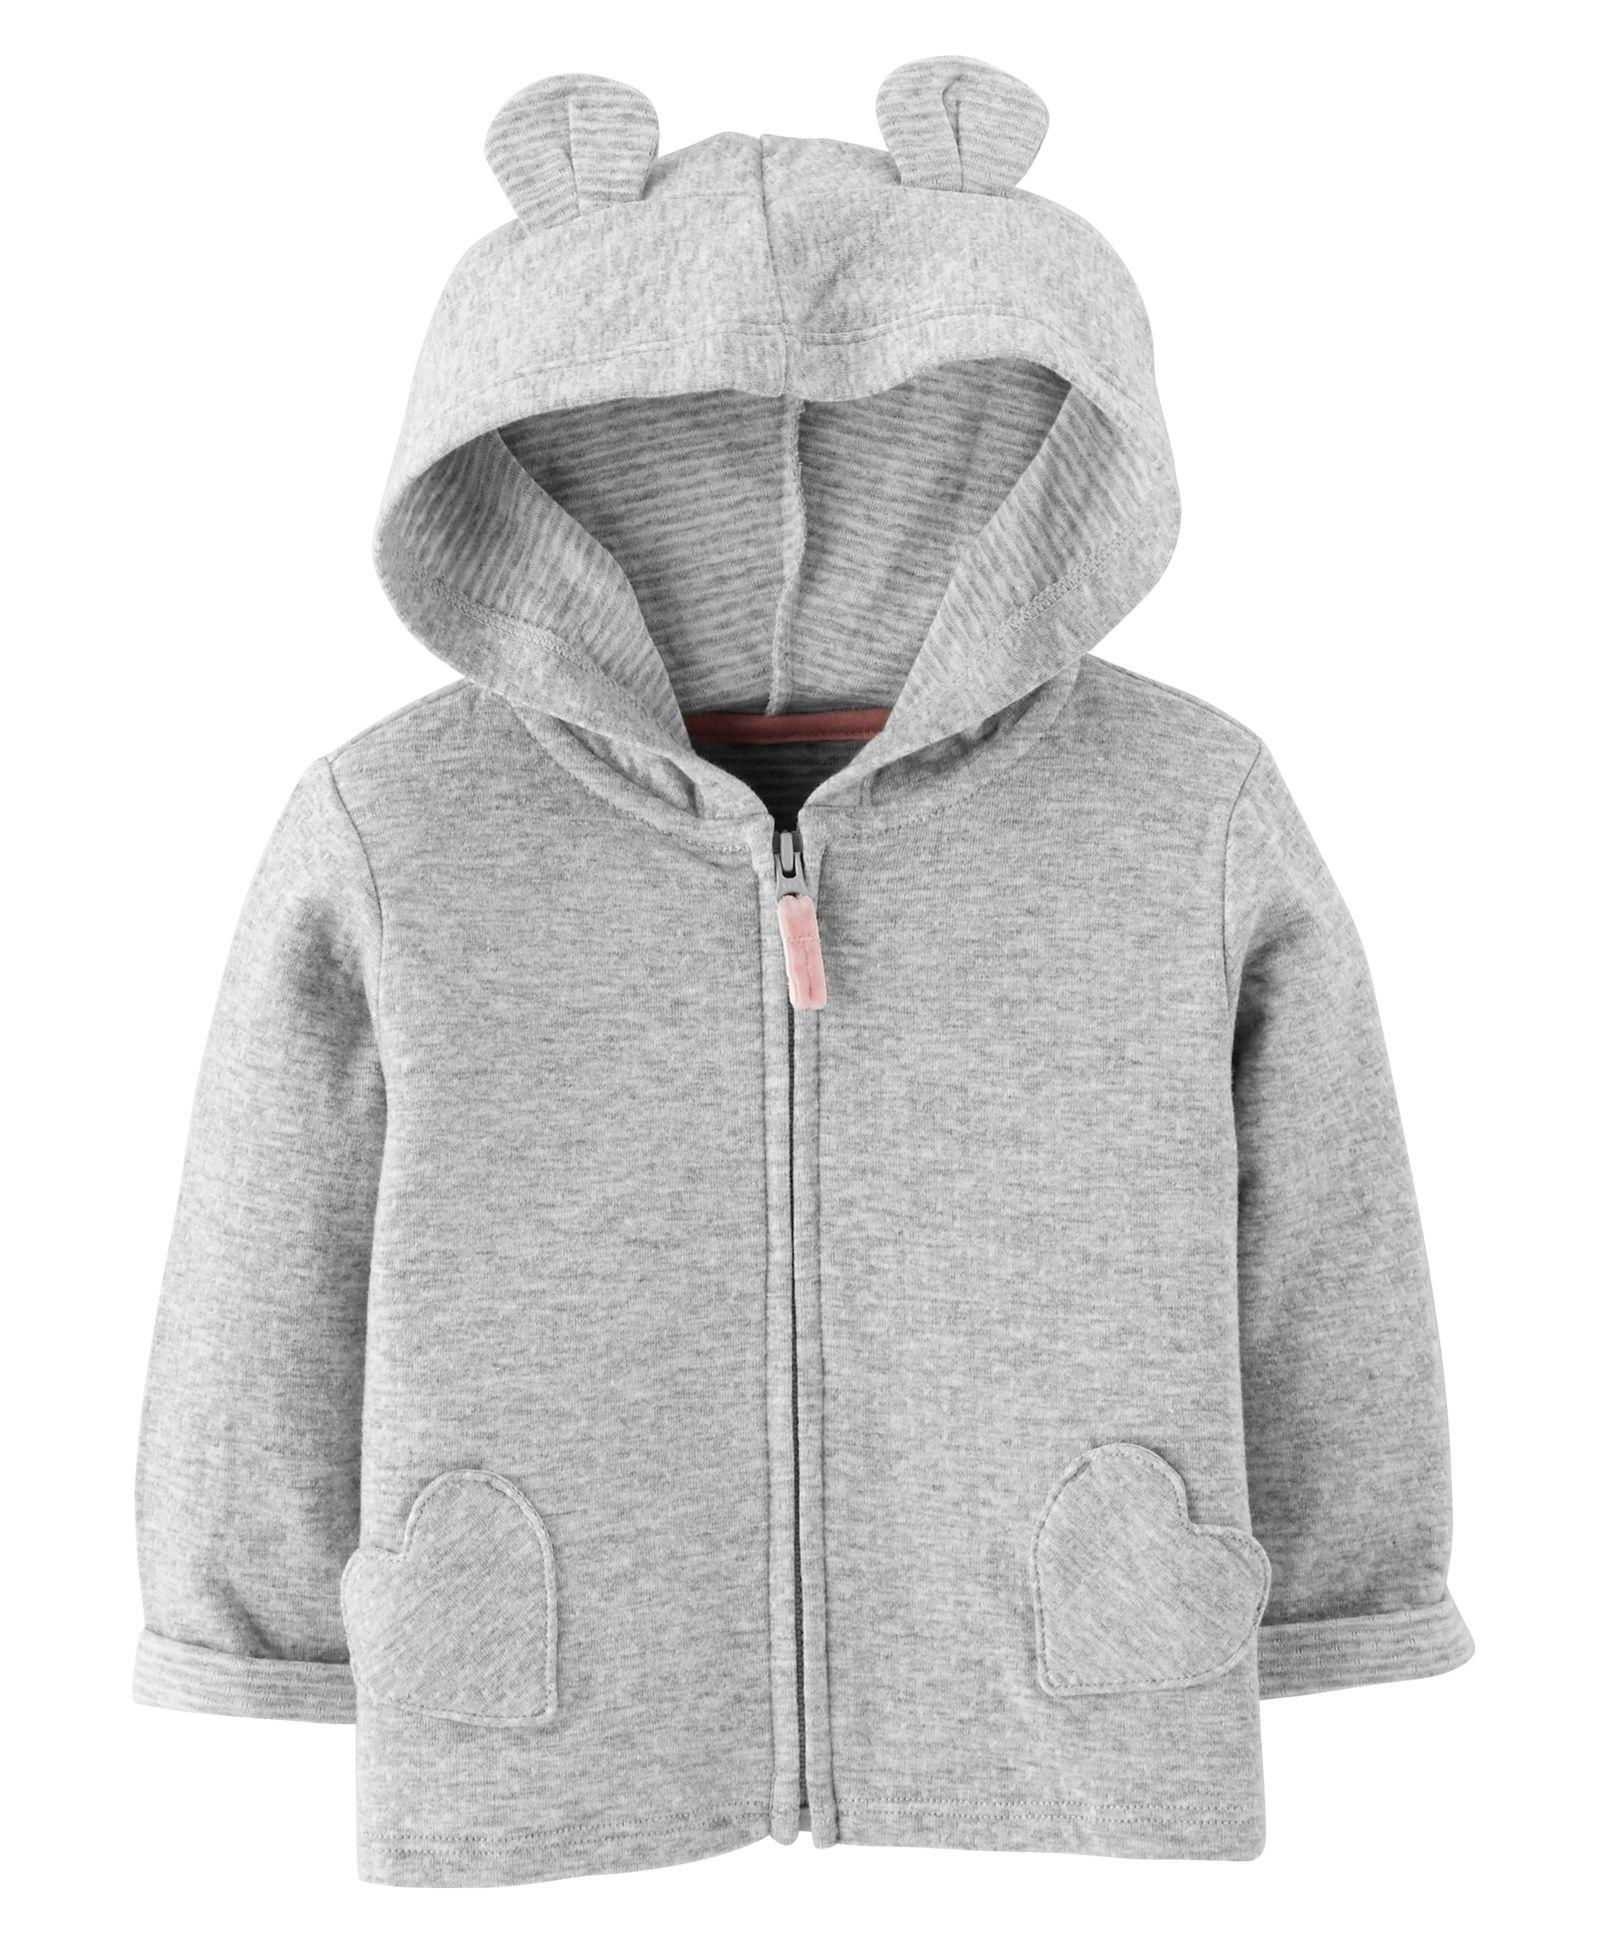 Girls' Clothing (newborn-5t) Next Girls 12-18 Months Hoddie Buy One Get One Free Other Newborn-5t Girls Clothes